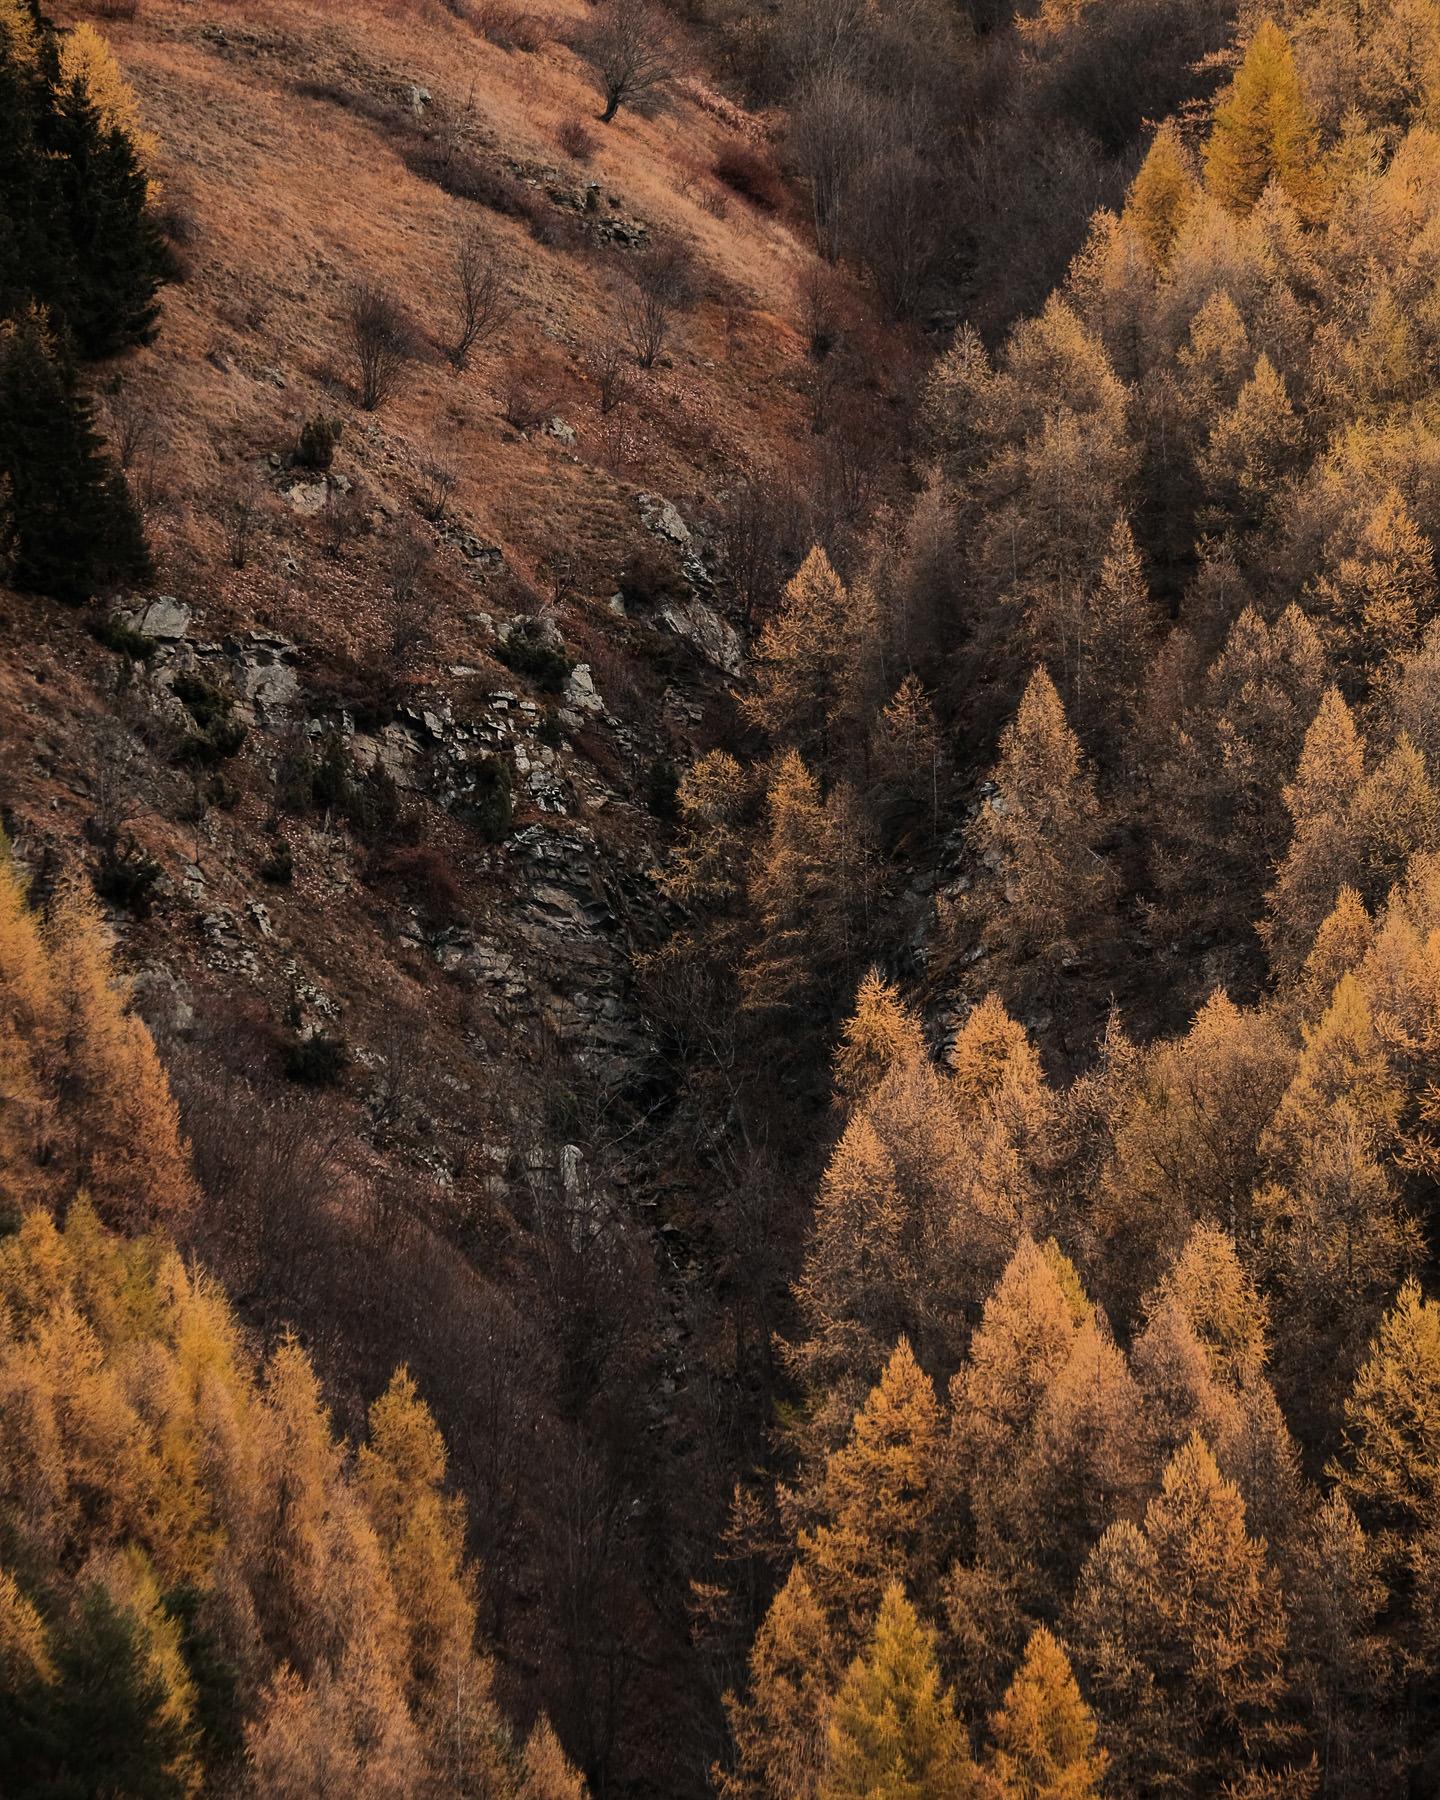 Couleurs d'automne et mélèzes d'or à Valloire lors d'une balade